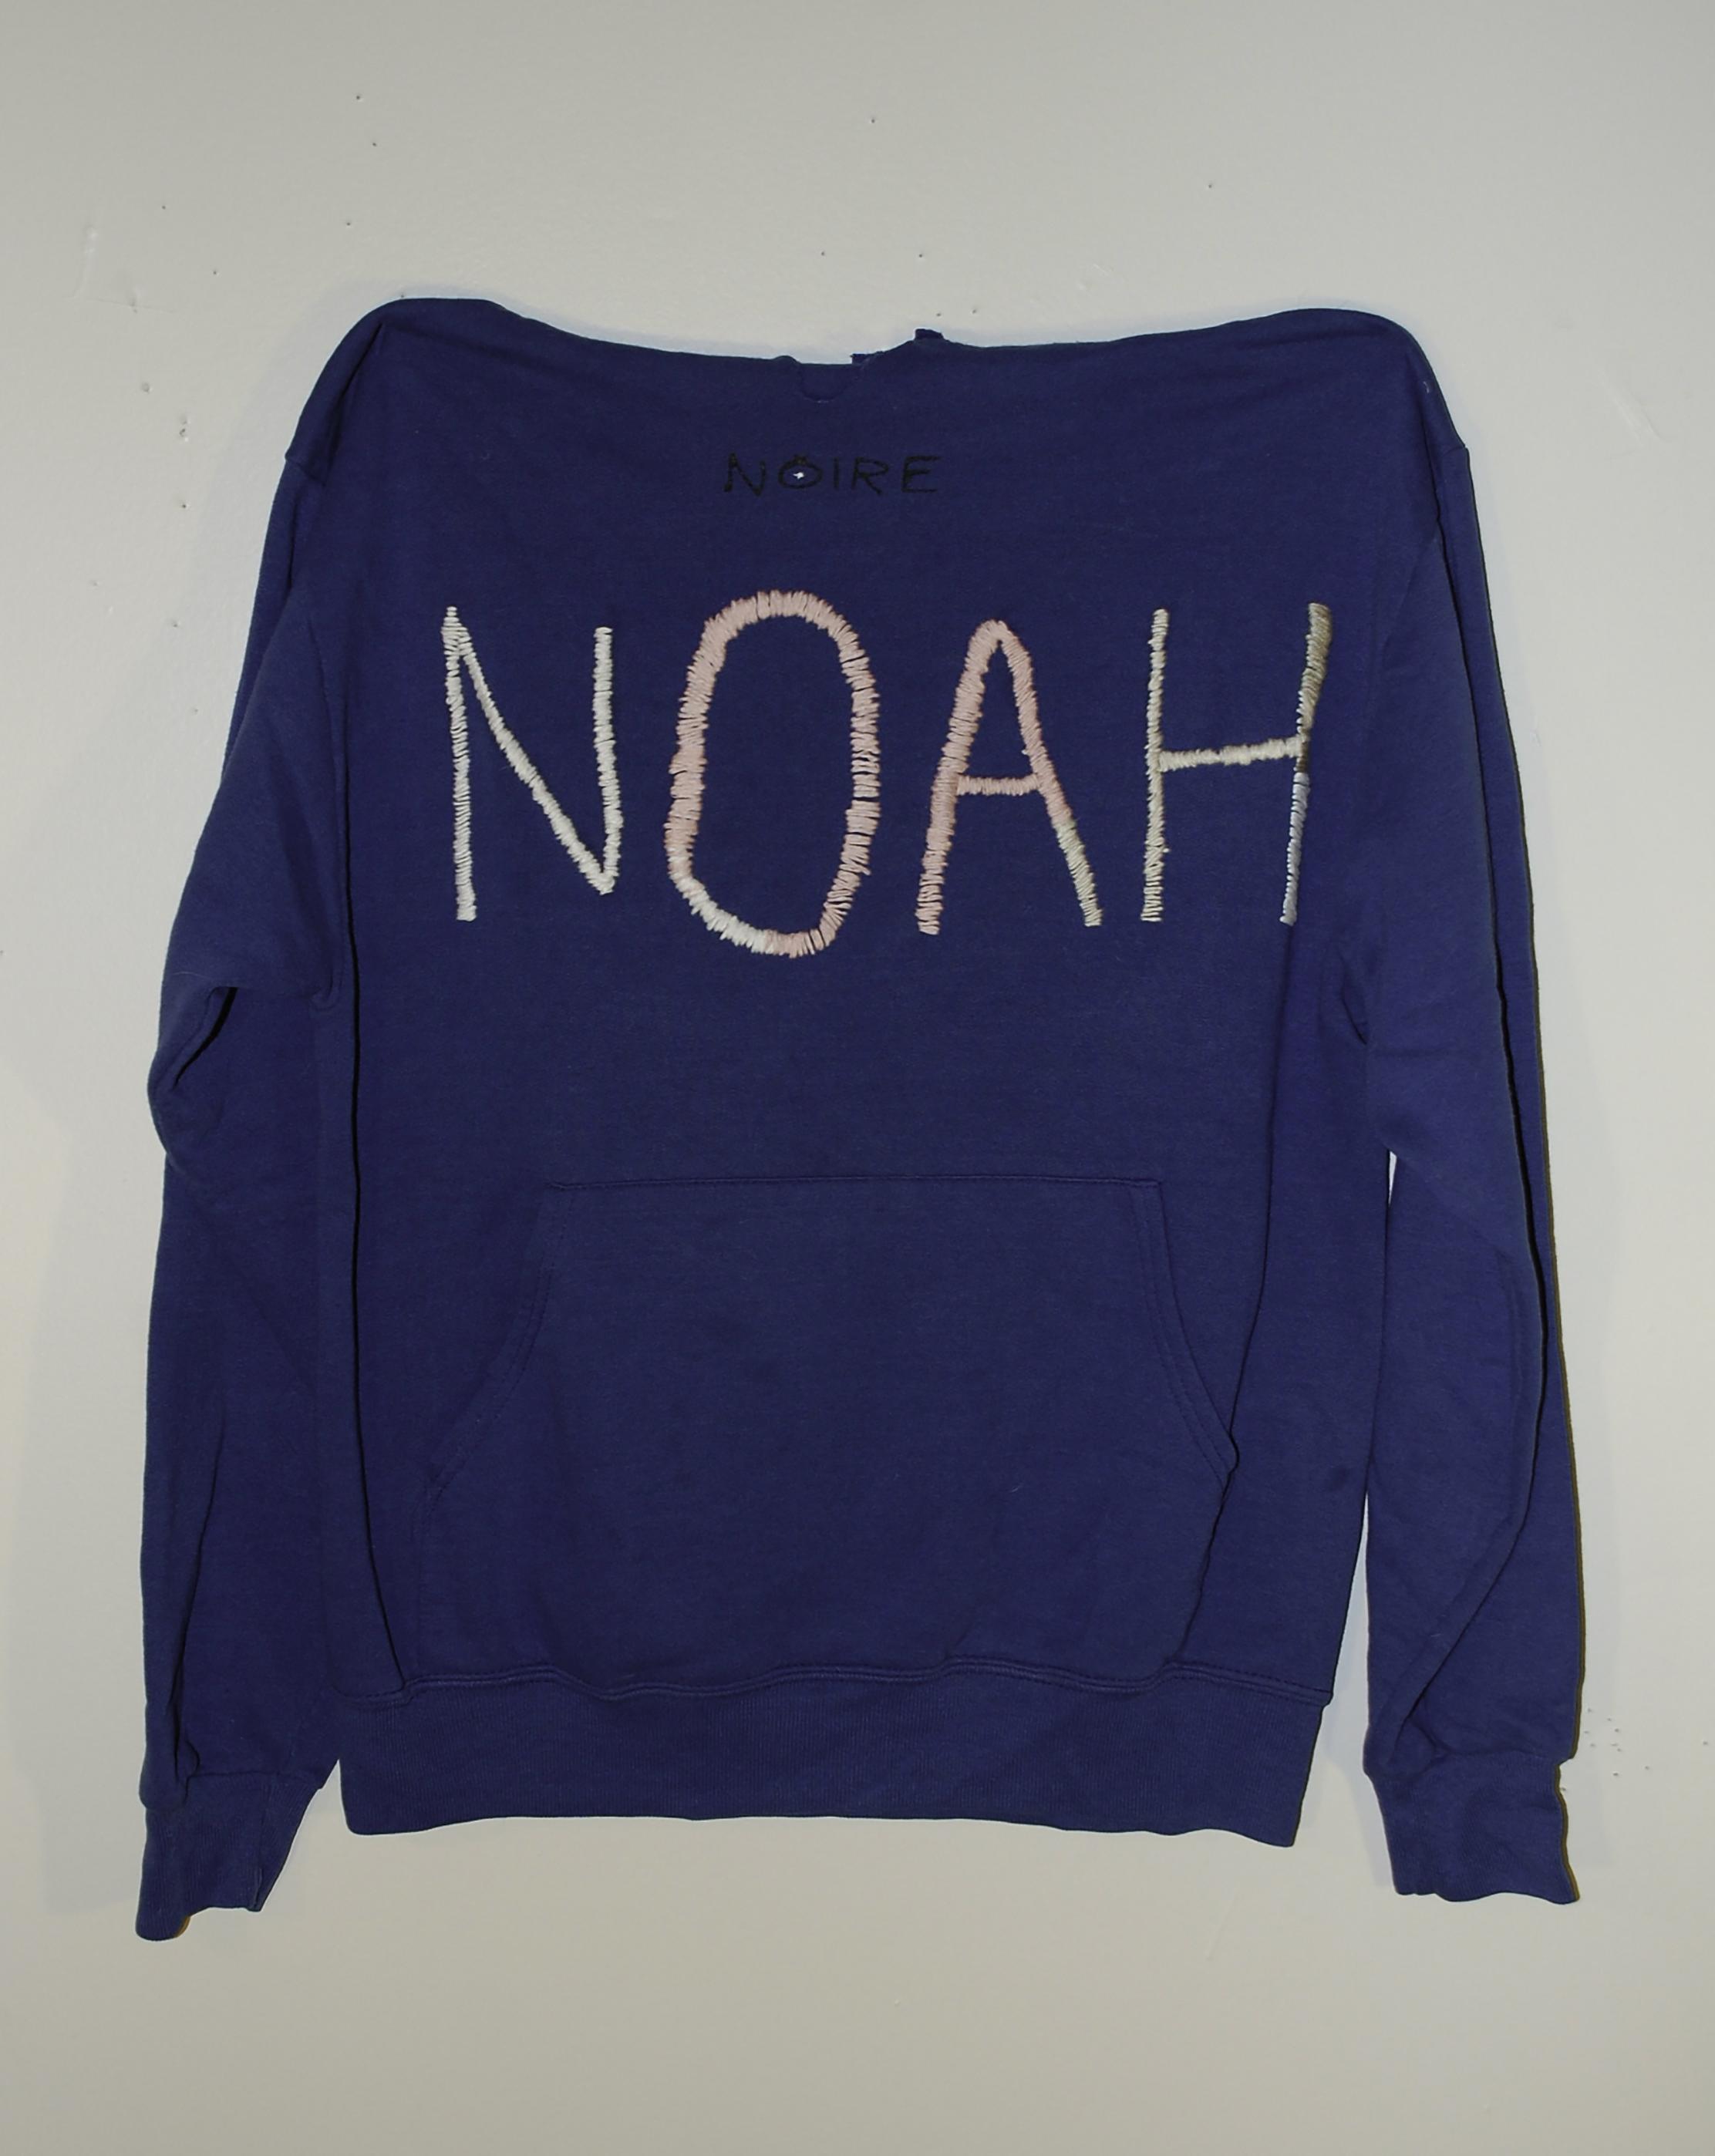 Noah Sweatshirt Luan 2016.jpg